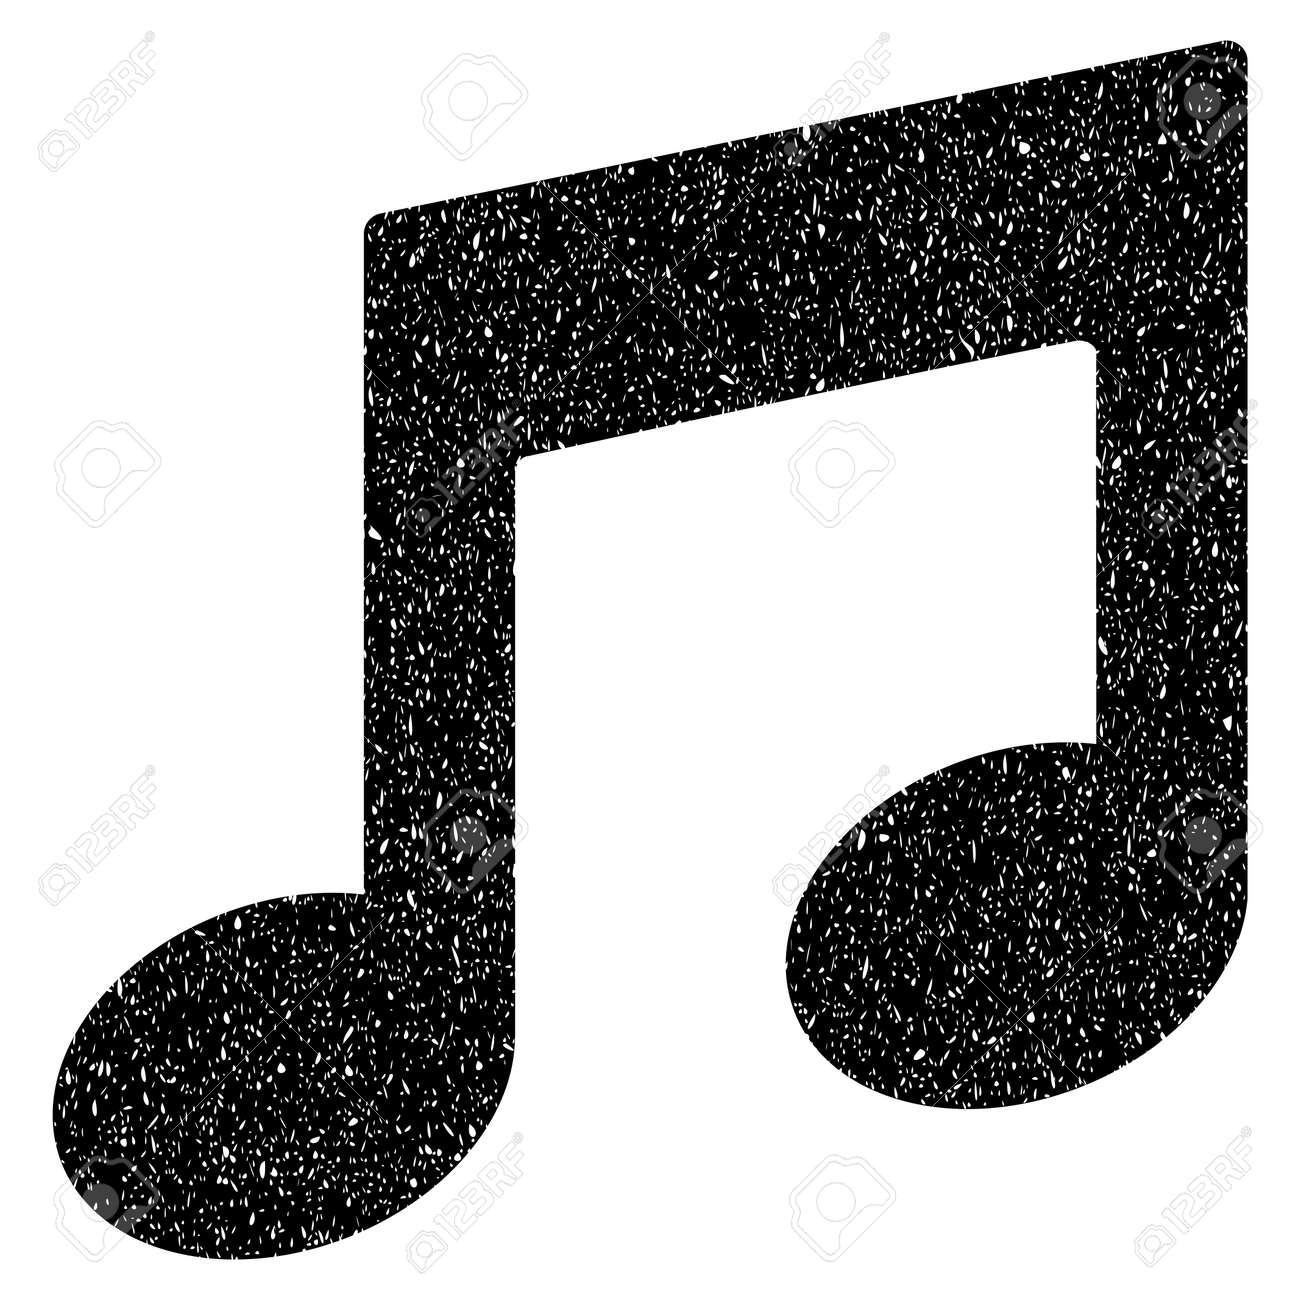 Notas De Música Granulado Texturizado ícone Para Selos De Marca D água De Sobreposição Símbolo Plano Com Textura Suja Carimbo De Borracha Selo Preto De Vetor Pontilhada Com Design Grunge Em Um Fundo